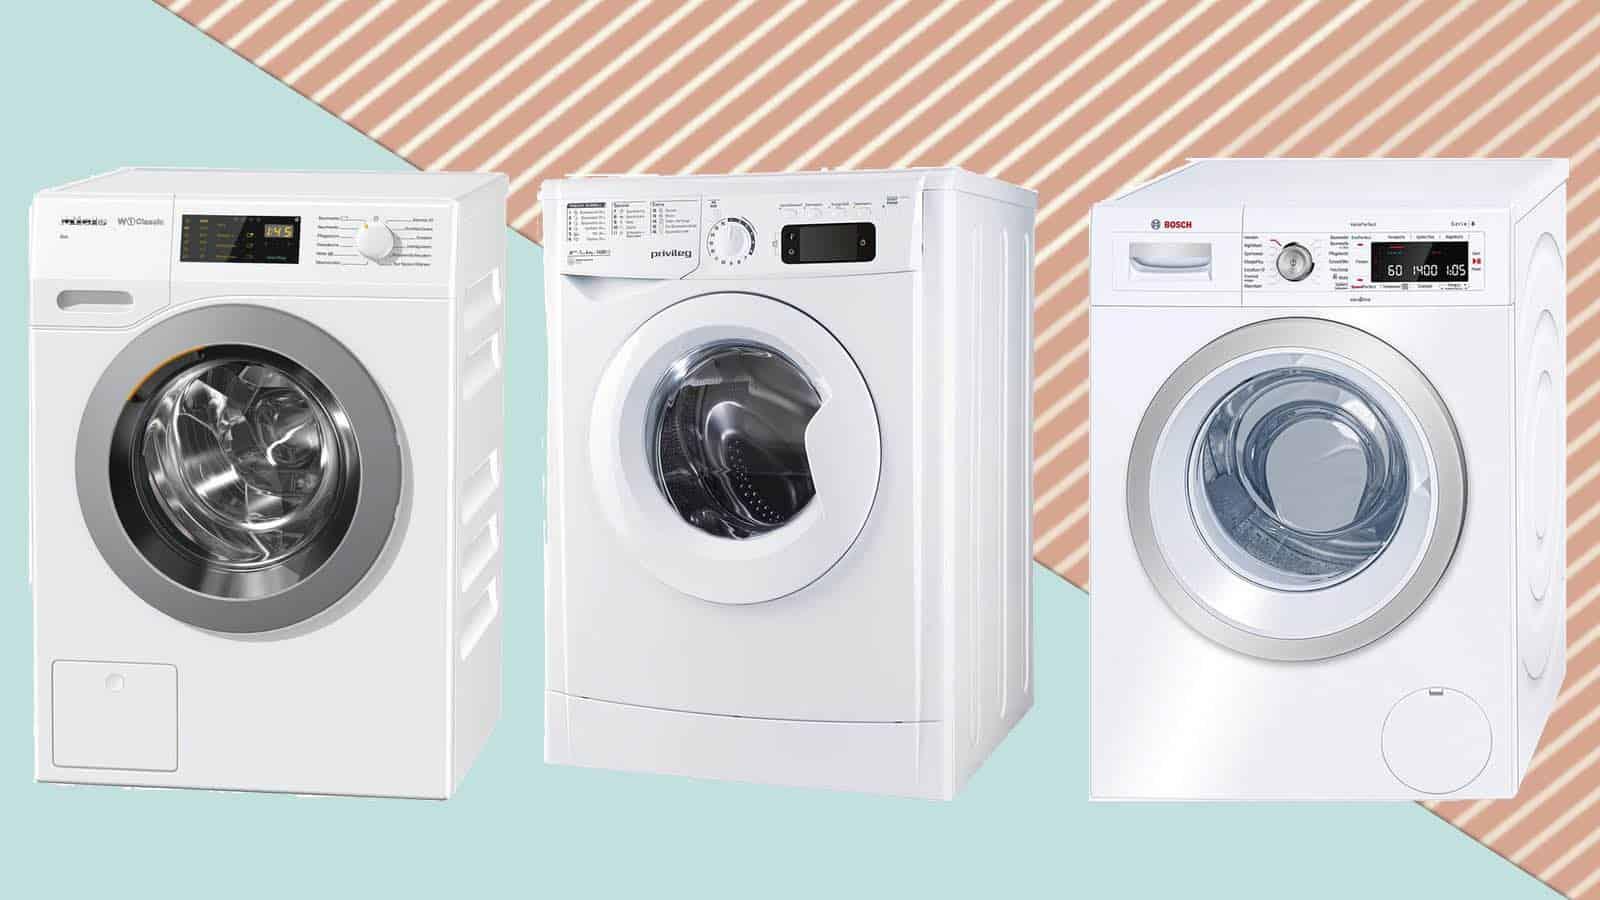 Waschmaschine Vergleich 2019- Die 10 besten Waschmaschinen im Vergleich